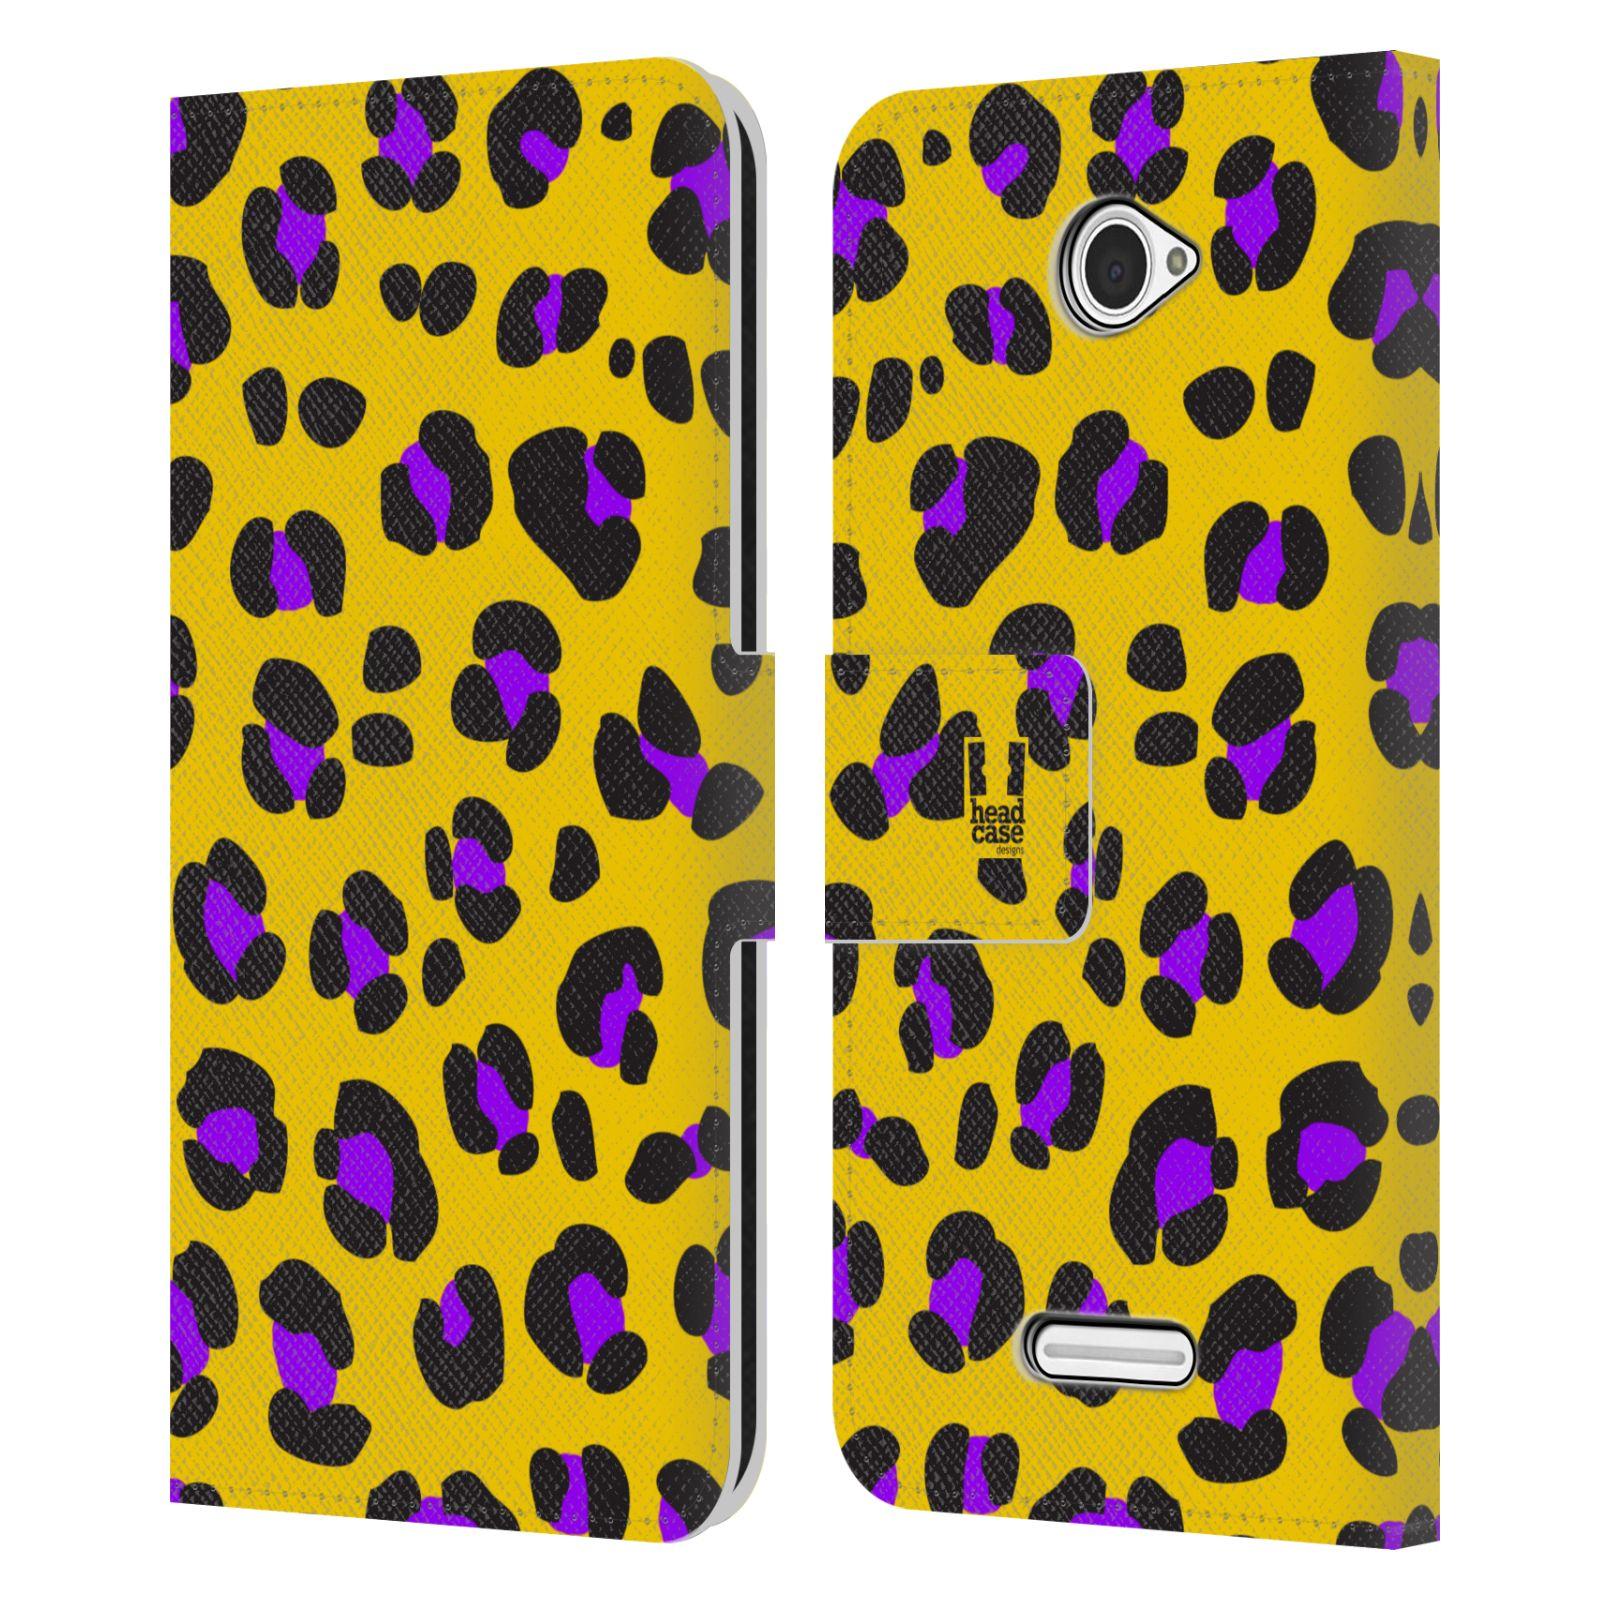 HEAD CASE Flipové pouzdro pro mobil SONY XPERIA E4 Zvířecí barevné vzory žlutý leopard fialové skvrny